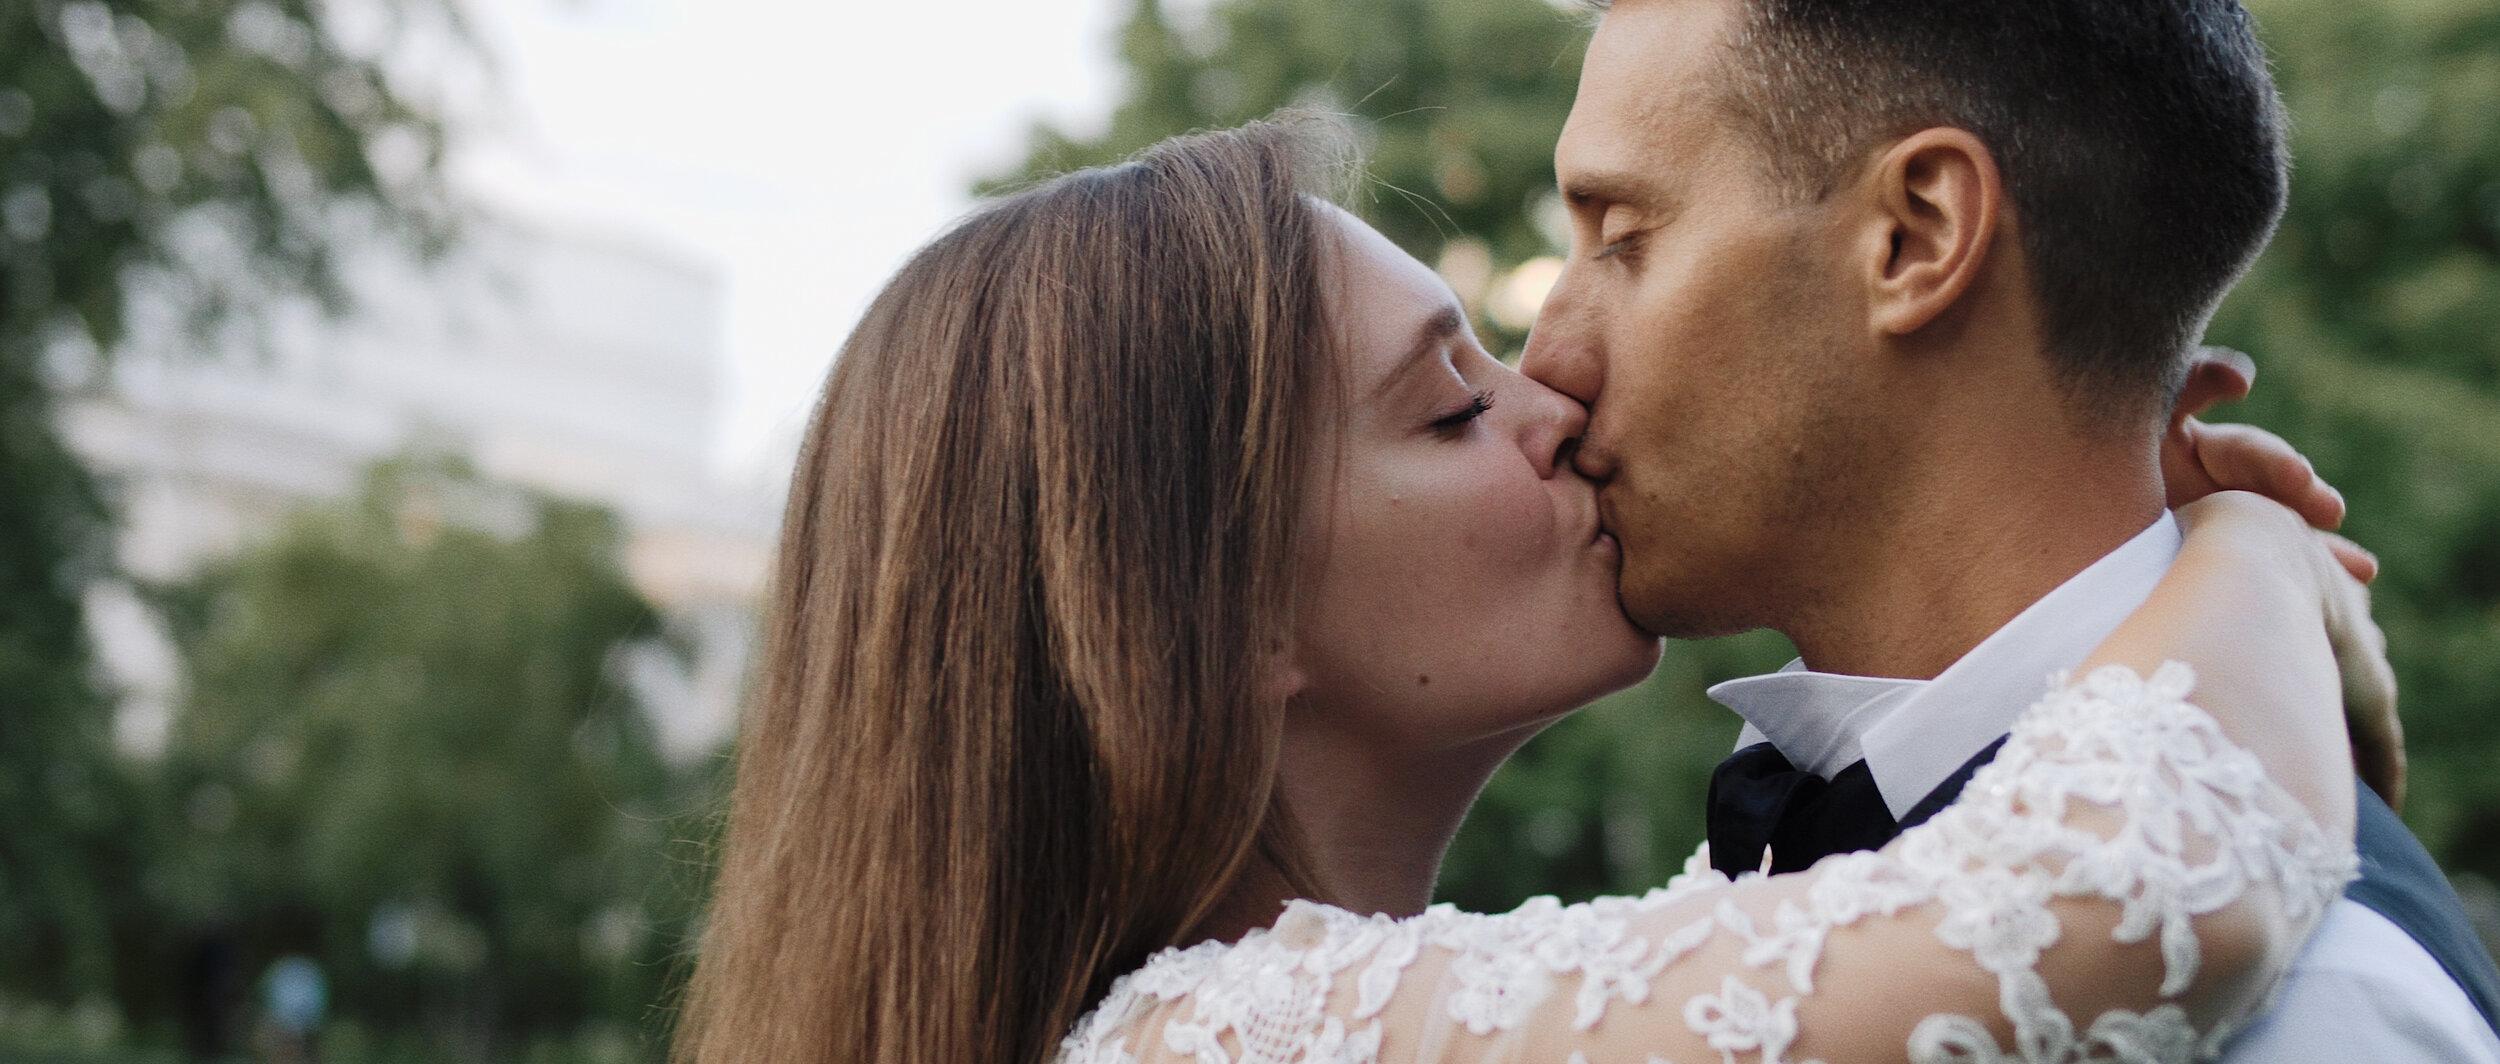 Dominika & Luca CINEMATIC WEDDING FILM - Wesele Dominiki i Luci najlepiej opiszą trzy słowa - romantycznie, wzruszająco i kameralnie! Polsko-włoskie wesele w gronie najbliższych osób w niesamowicie klimatycznym i przytulnym Hotelu Bonifacio, sama natura w okolicach i i tak weseli oni - perfekcyjne połączenie, które uwieczniliśmy na ich pięknym filmie.